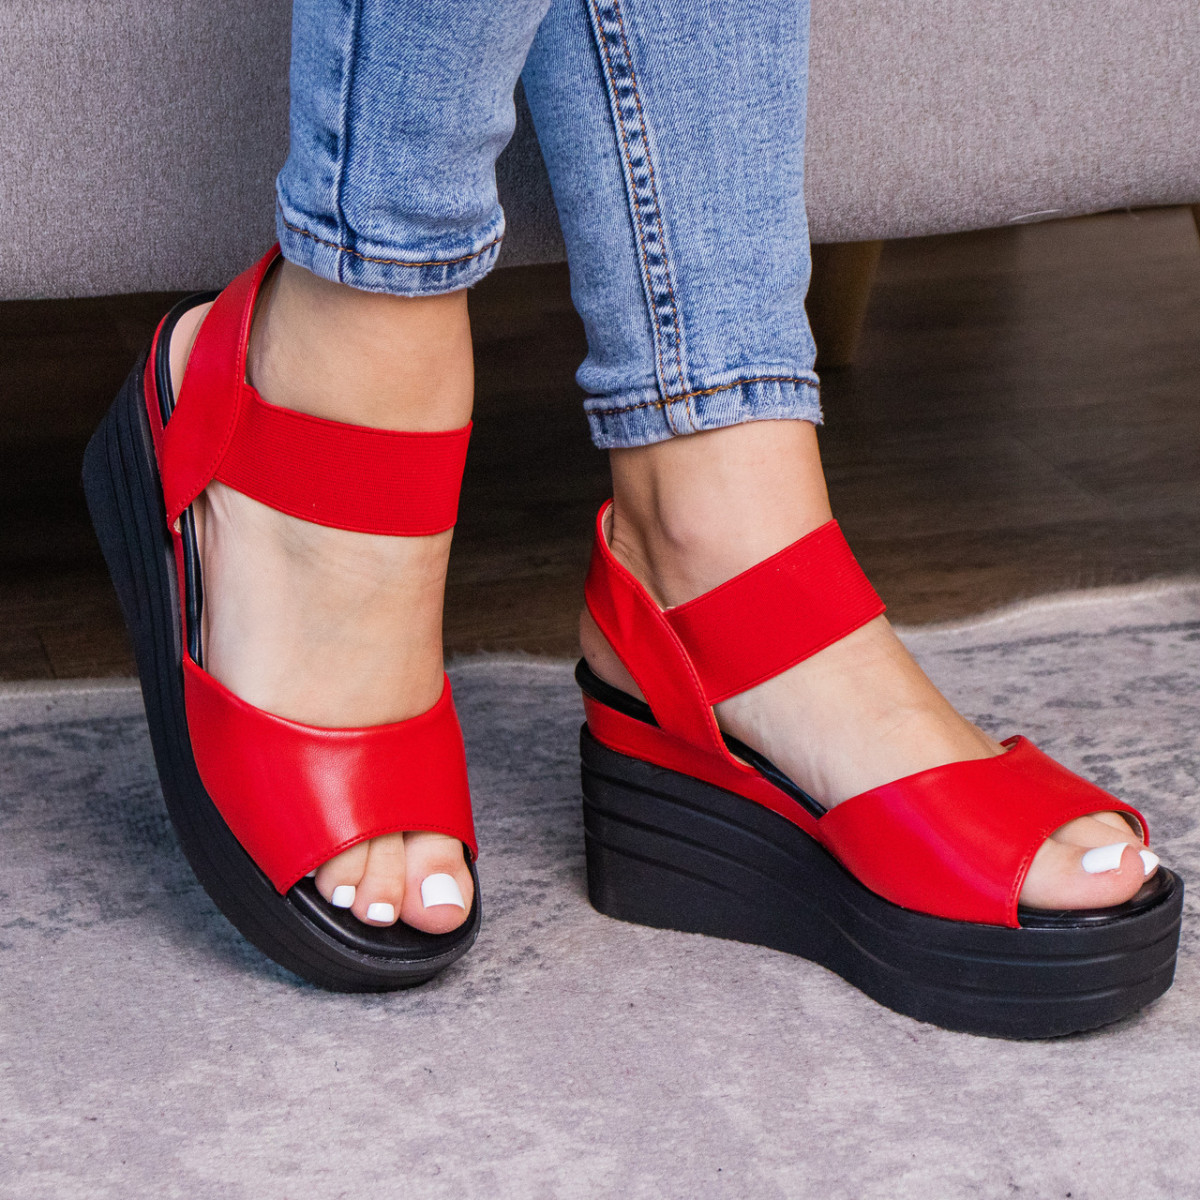 Женские сандалии Fashion Batista 3087 36 размер 23 см Красный